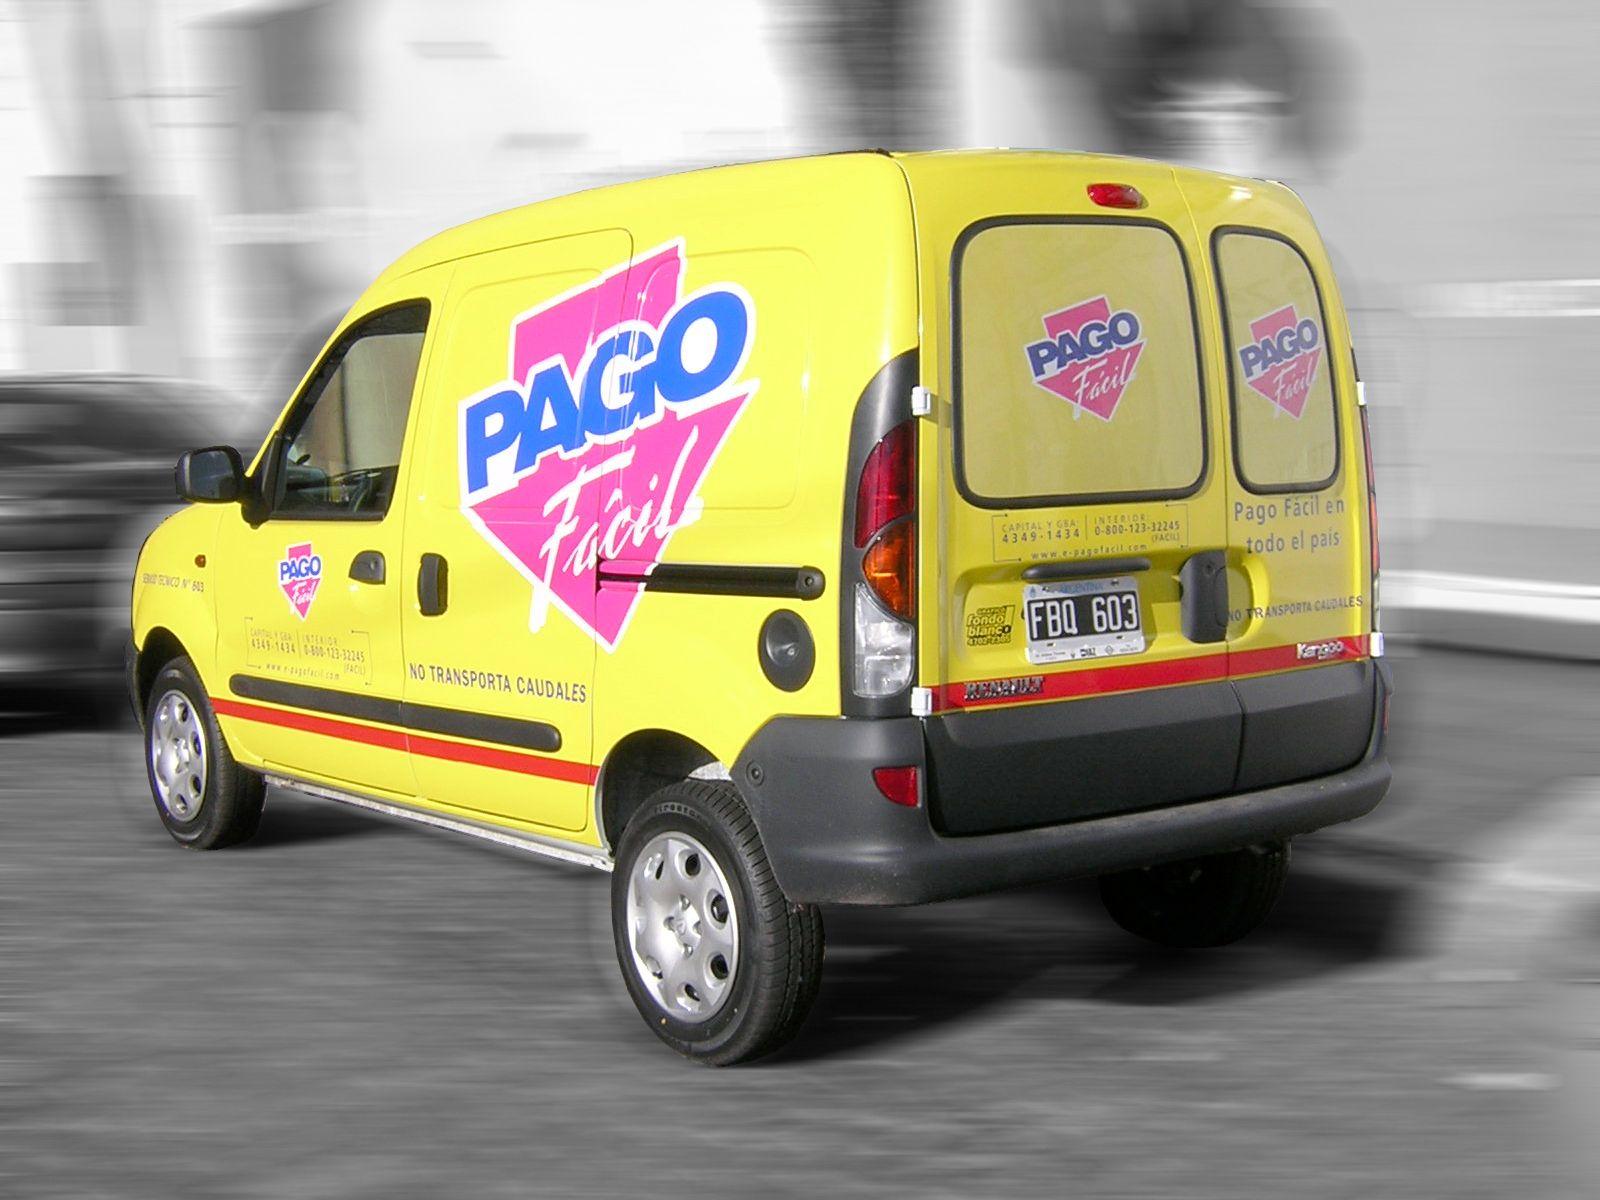 Grafica Vehicular Forrado completo Pago Facil